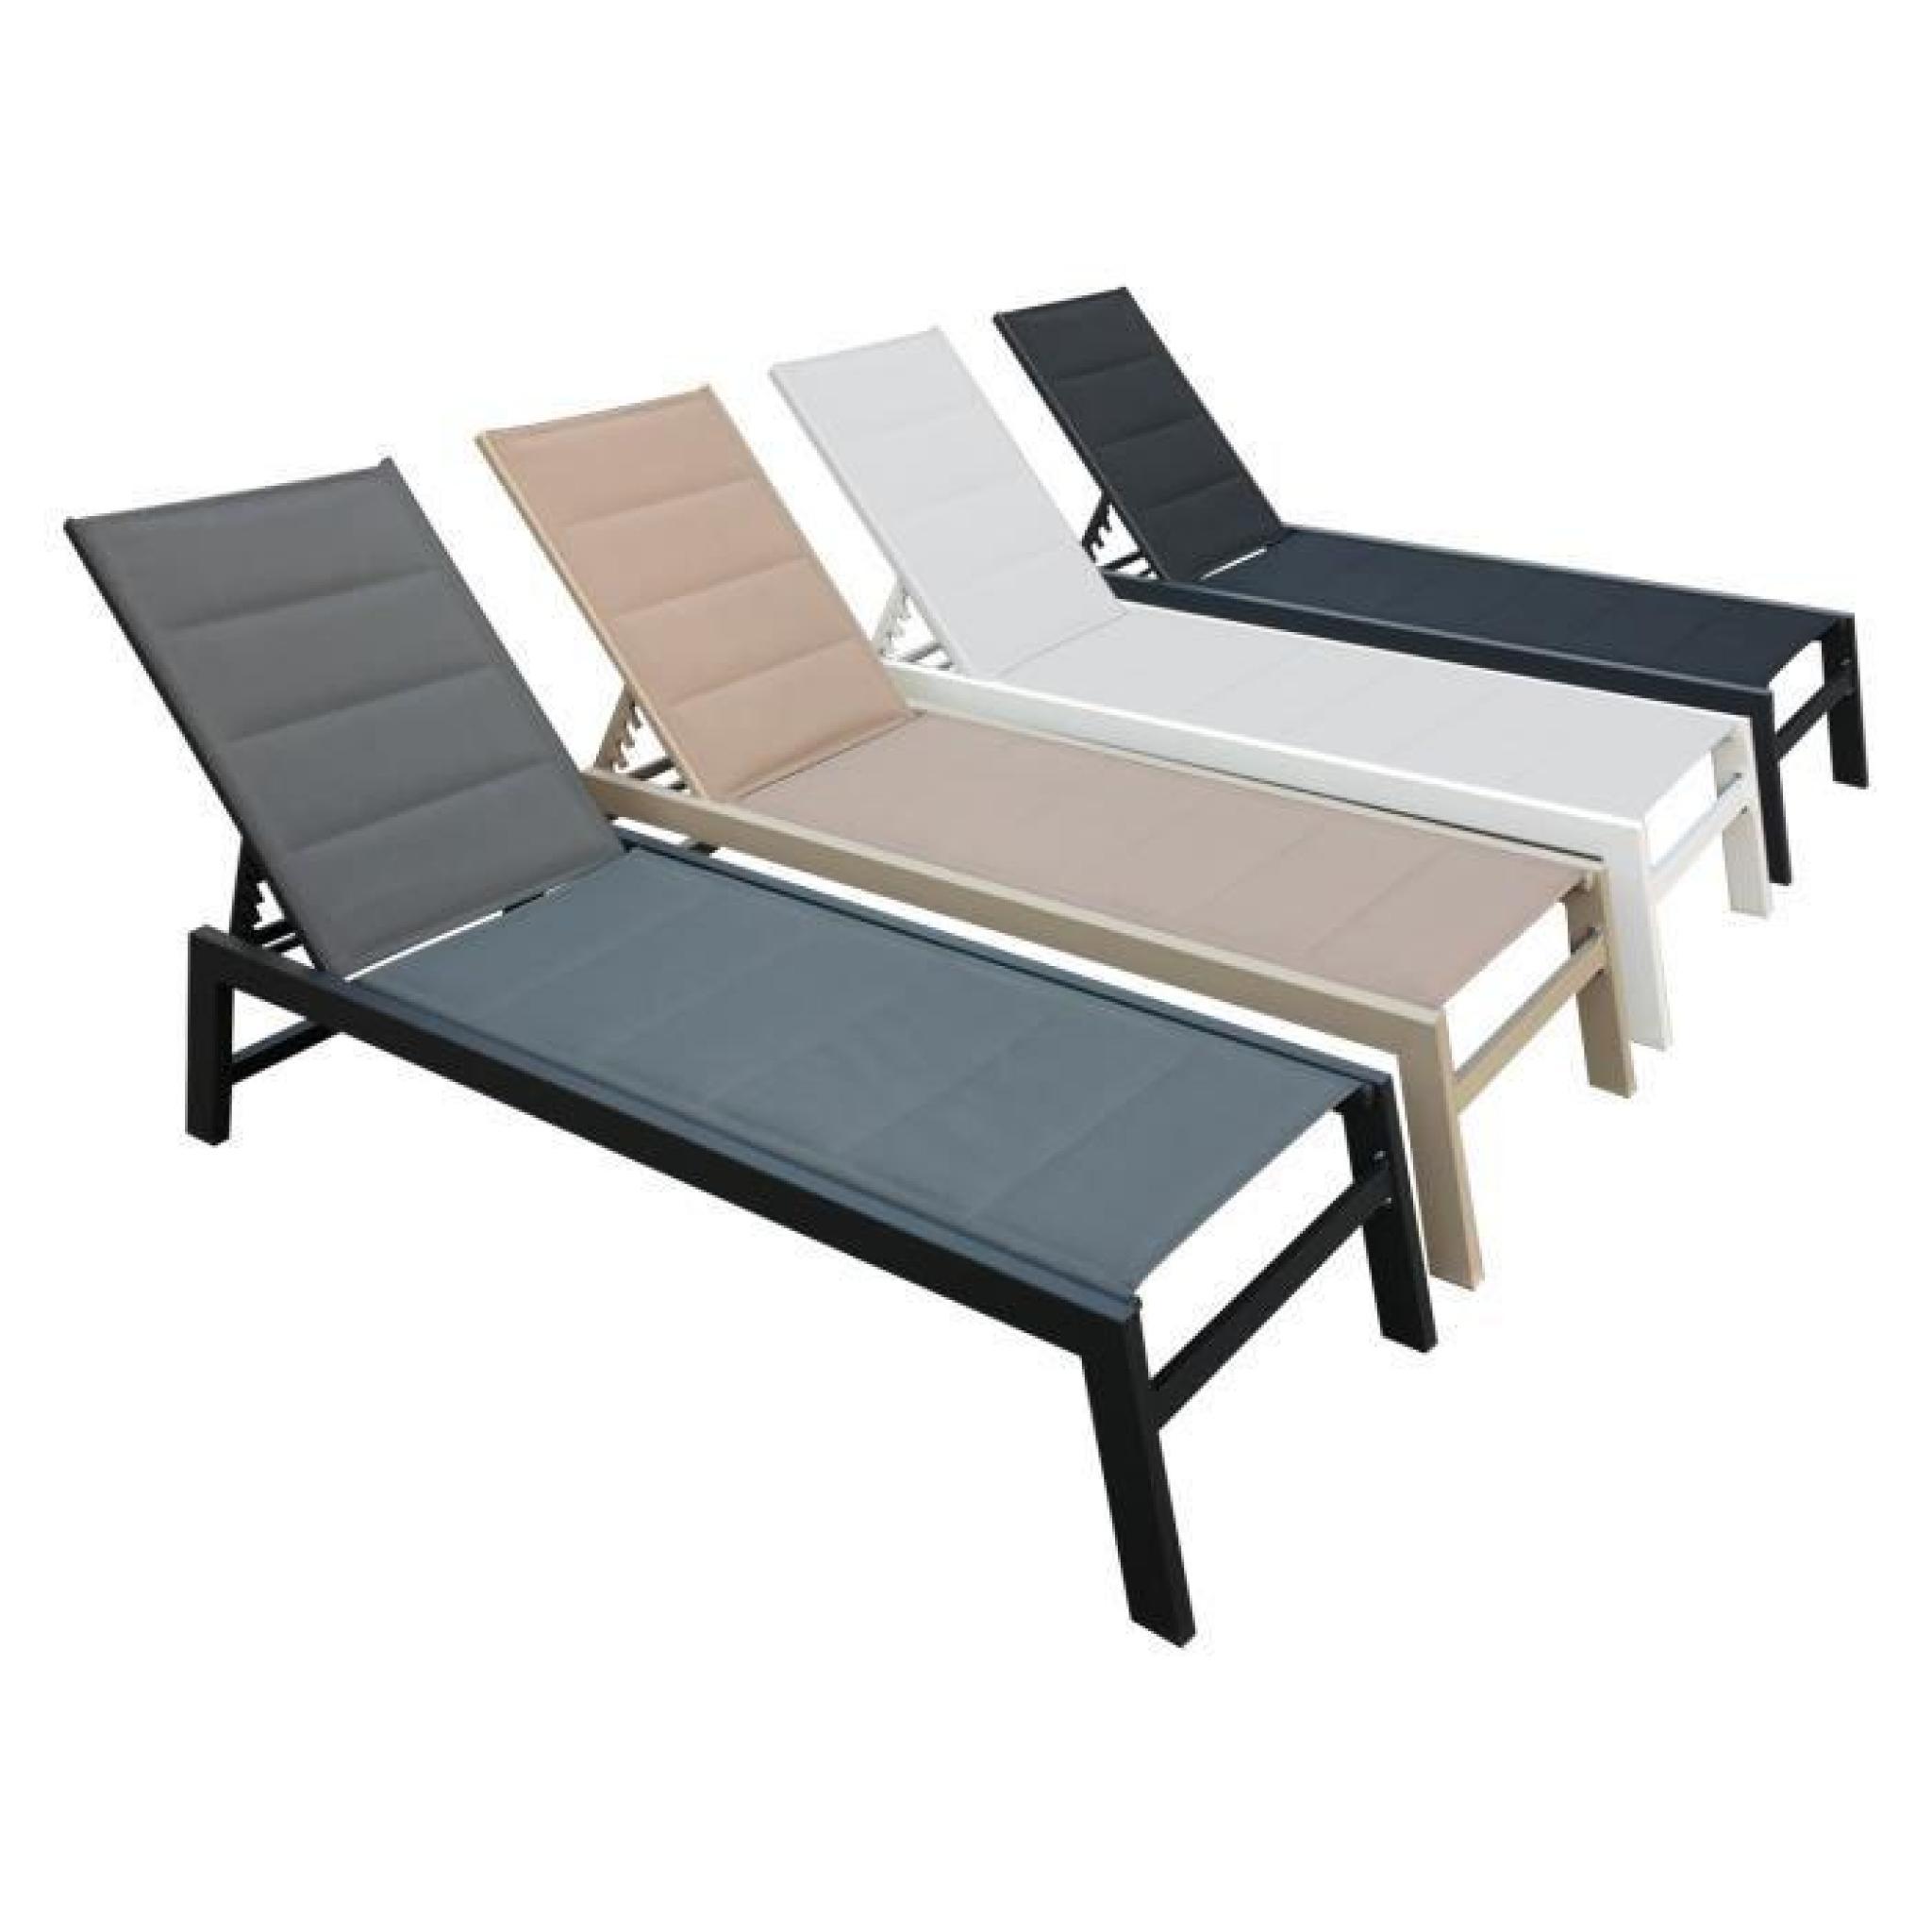 bain de soleil barbados en textil ne noir aluminium noire achat vente salon de jardin en. Black Bedroom Furniture Sets. Home Design Ideas